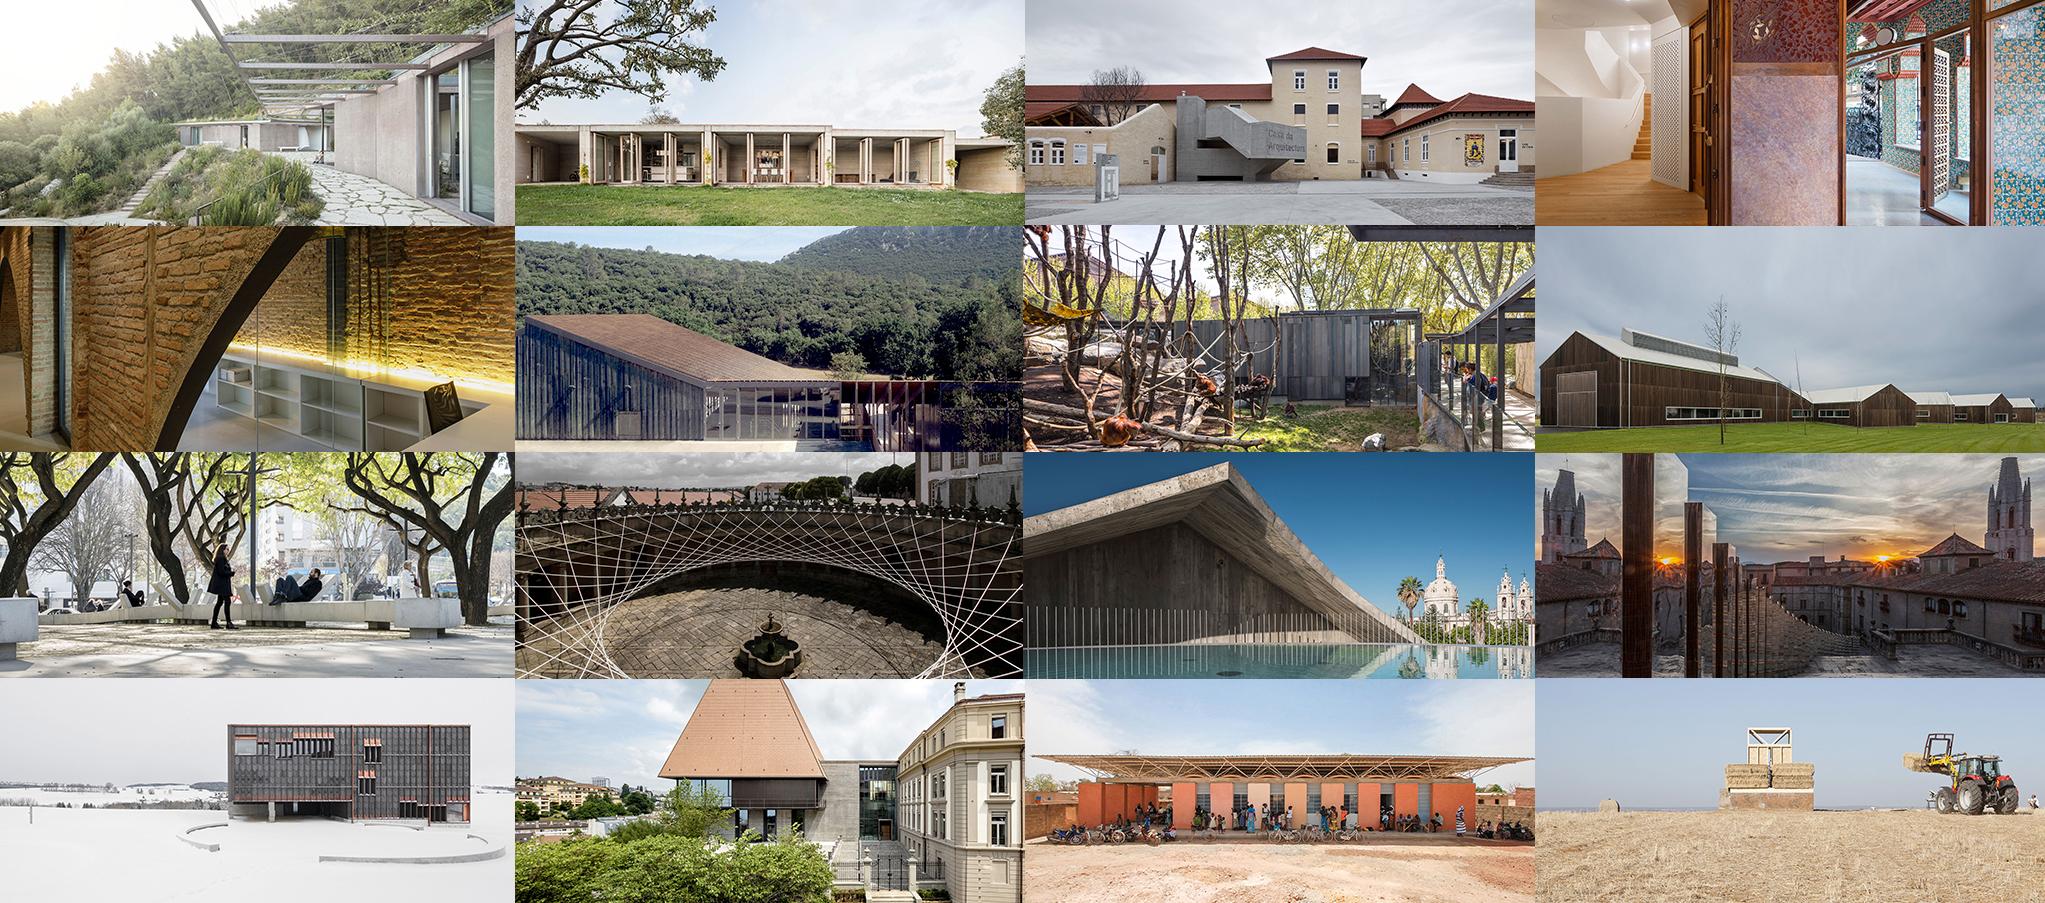 Presentados los finalistas de la 60ª edición de los Premios FAD de Arquitectura